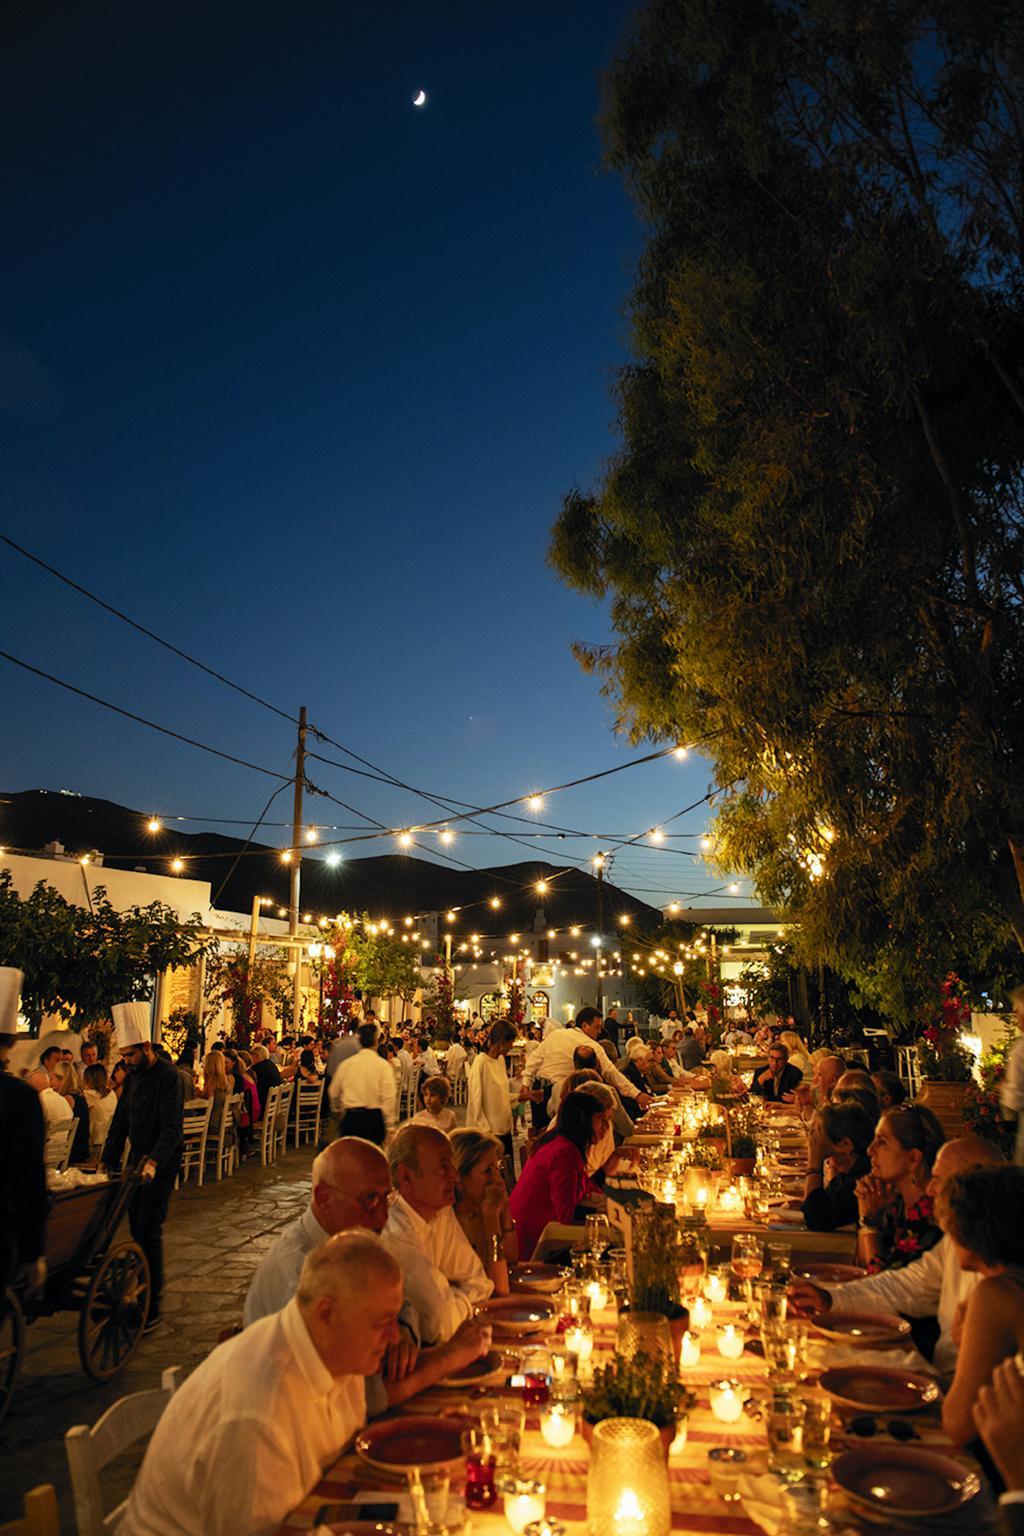 E&P Sifnos pre-wedding & wedding - Image 35